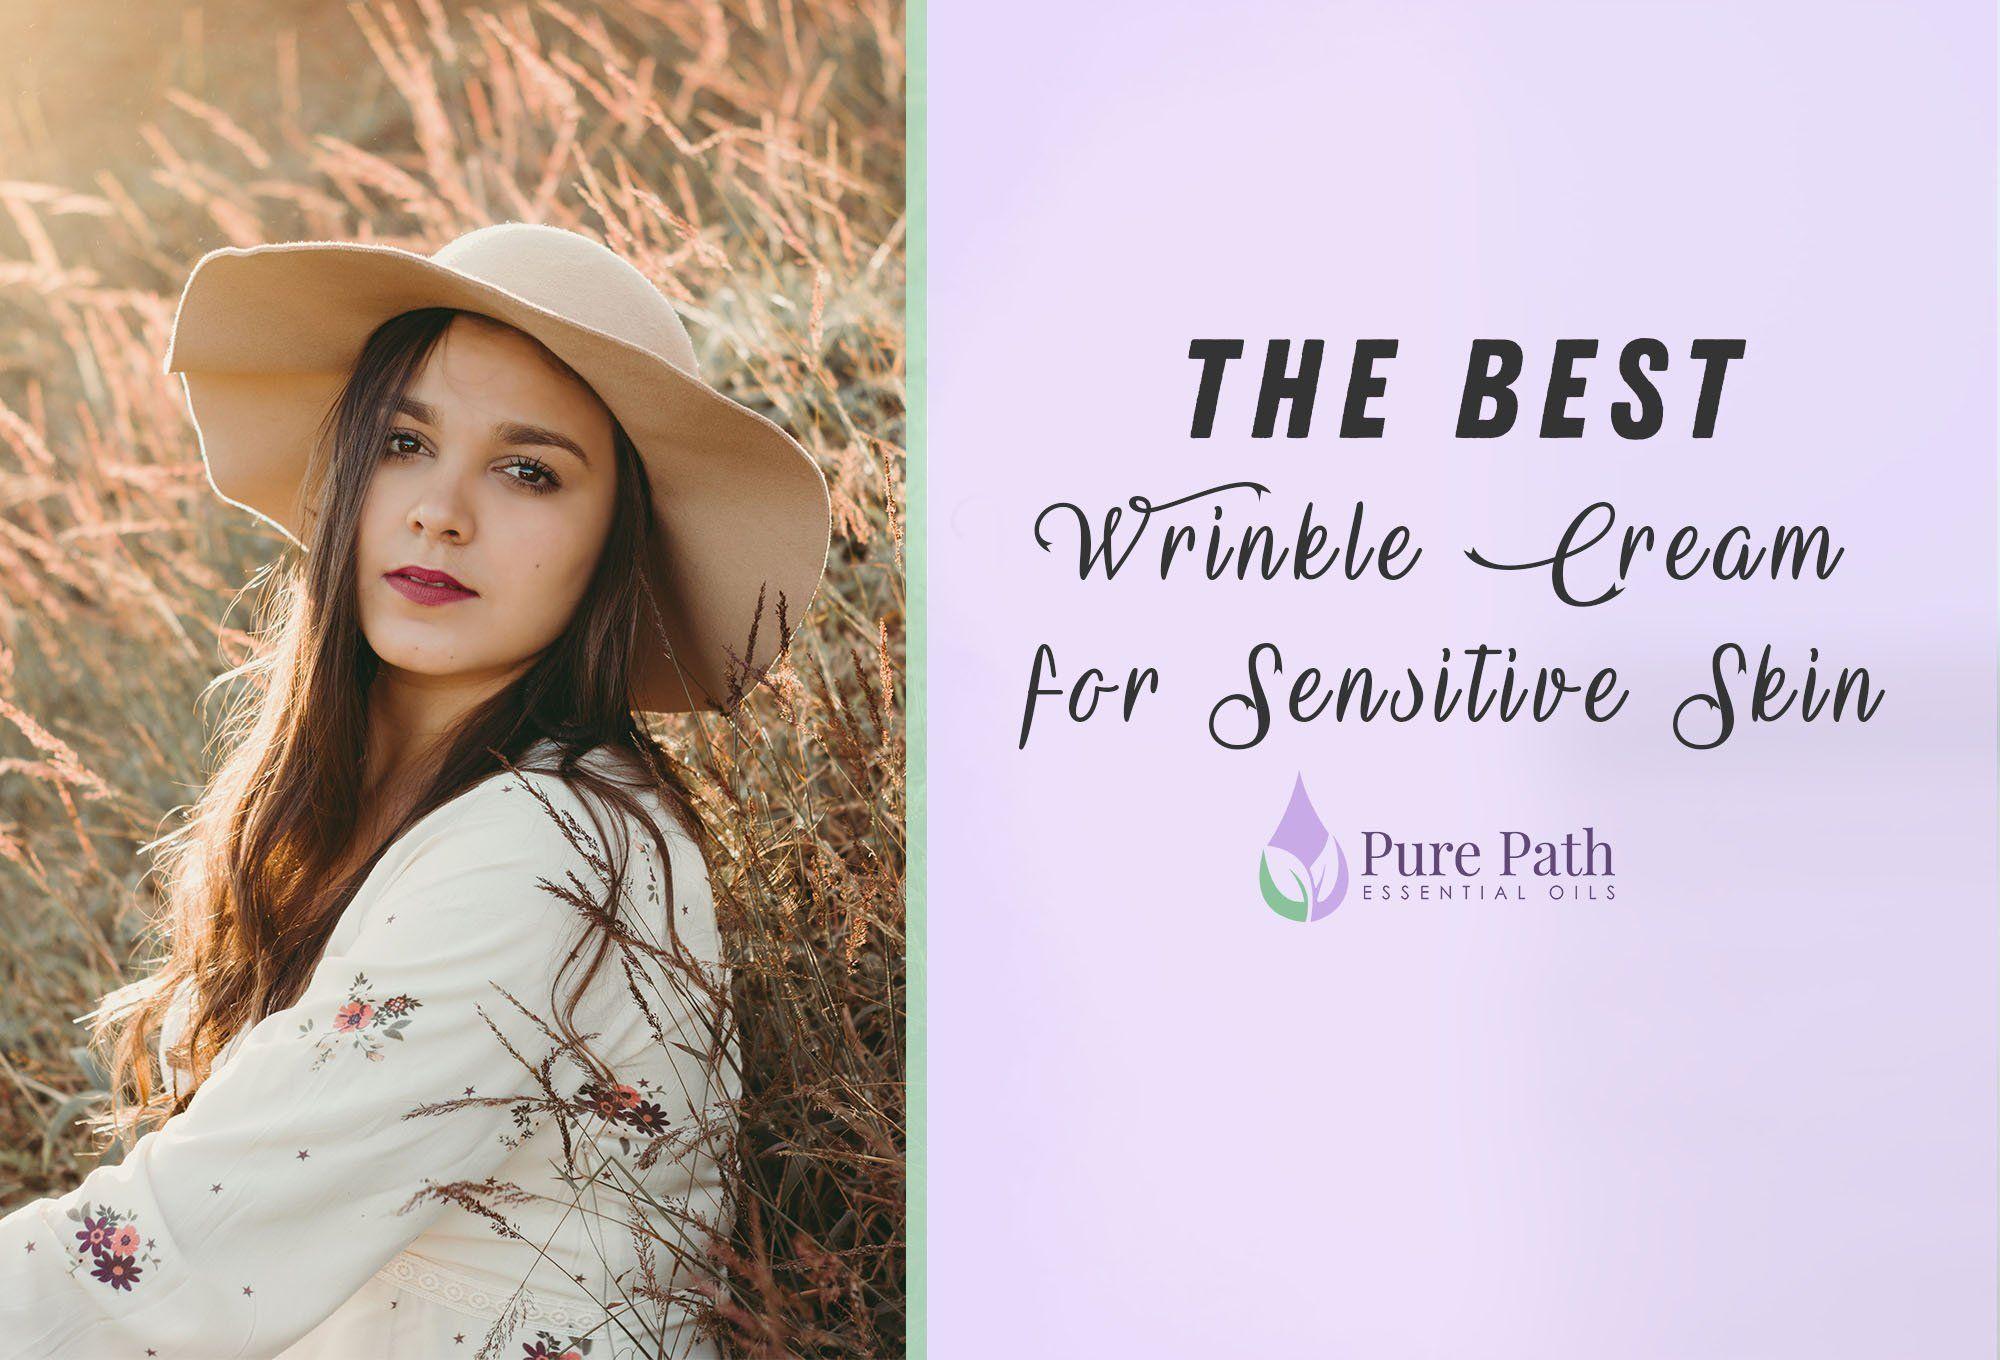 Best Wrinkle Cream for Sensitive Skin February, 2020